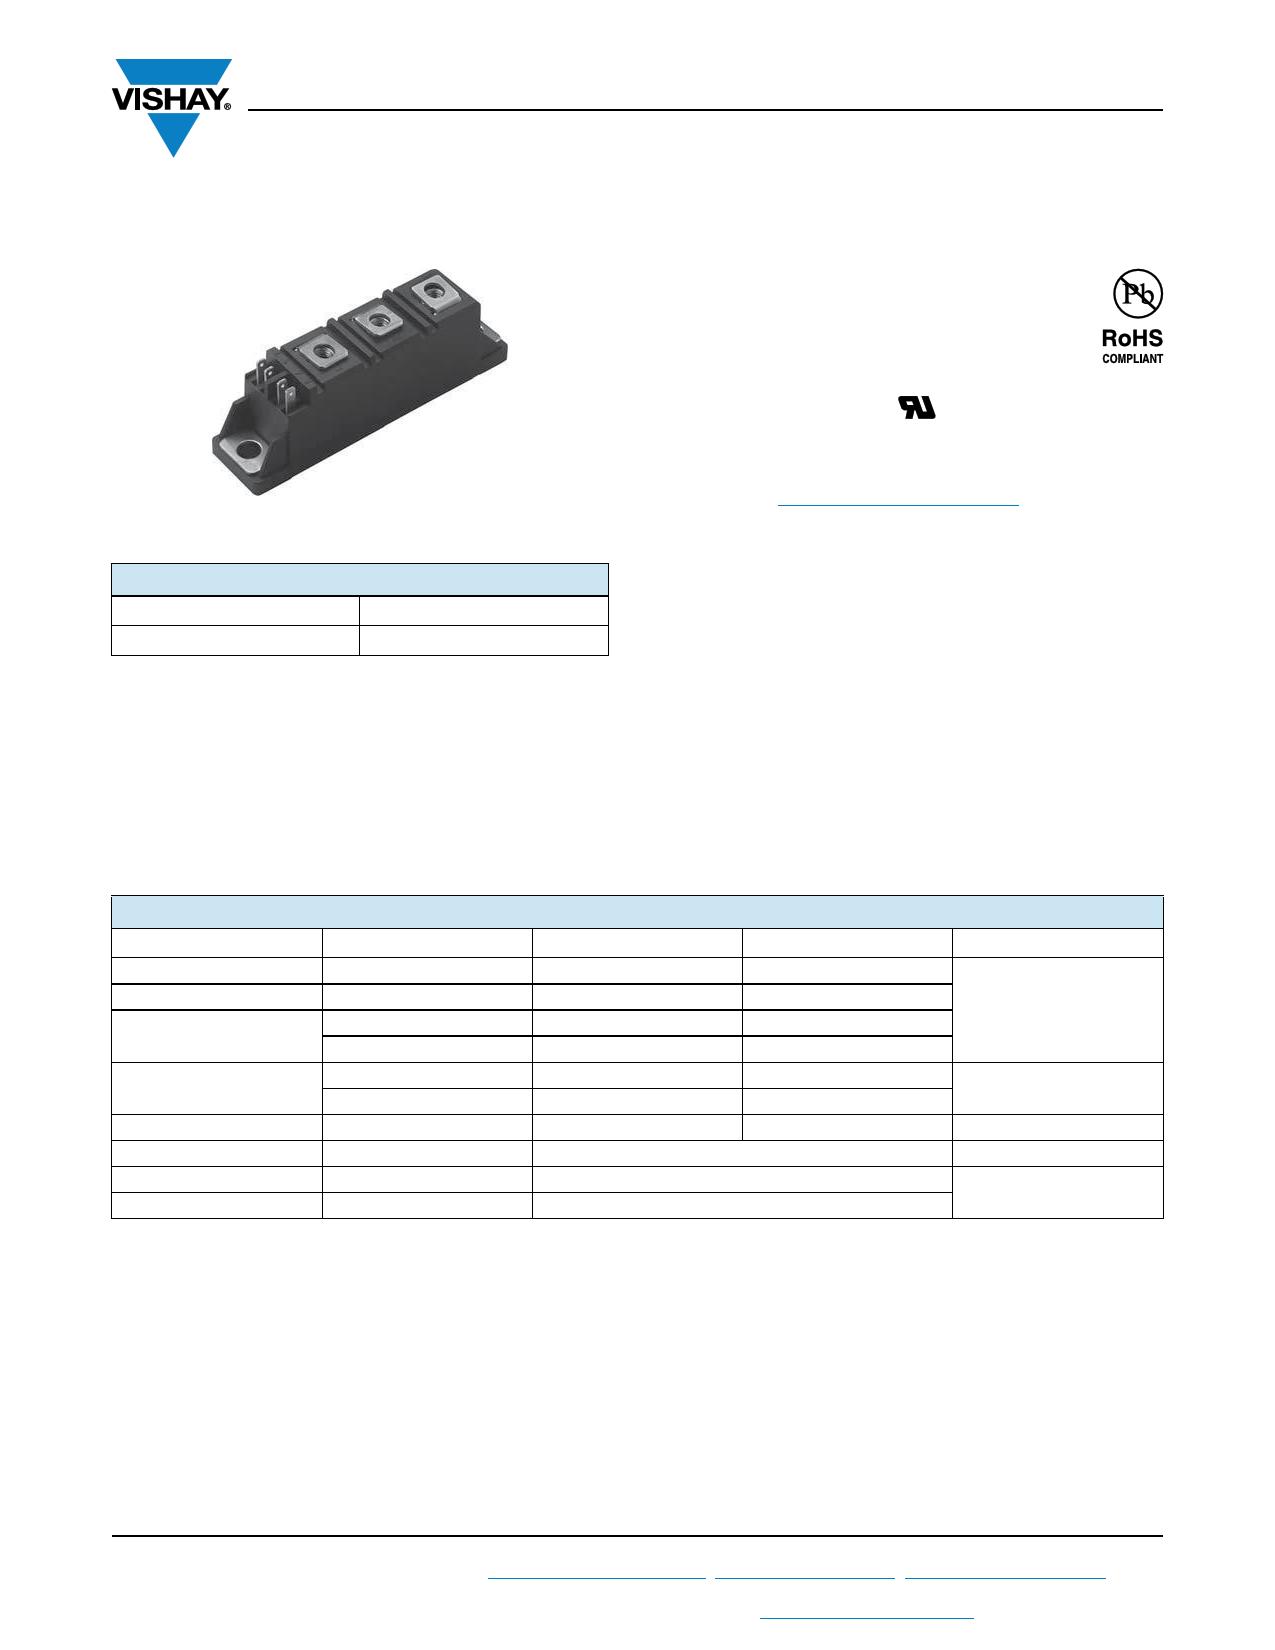 VSKT42-08P Datasheet, VSKT42-08P PDF,ピン配置, 機能